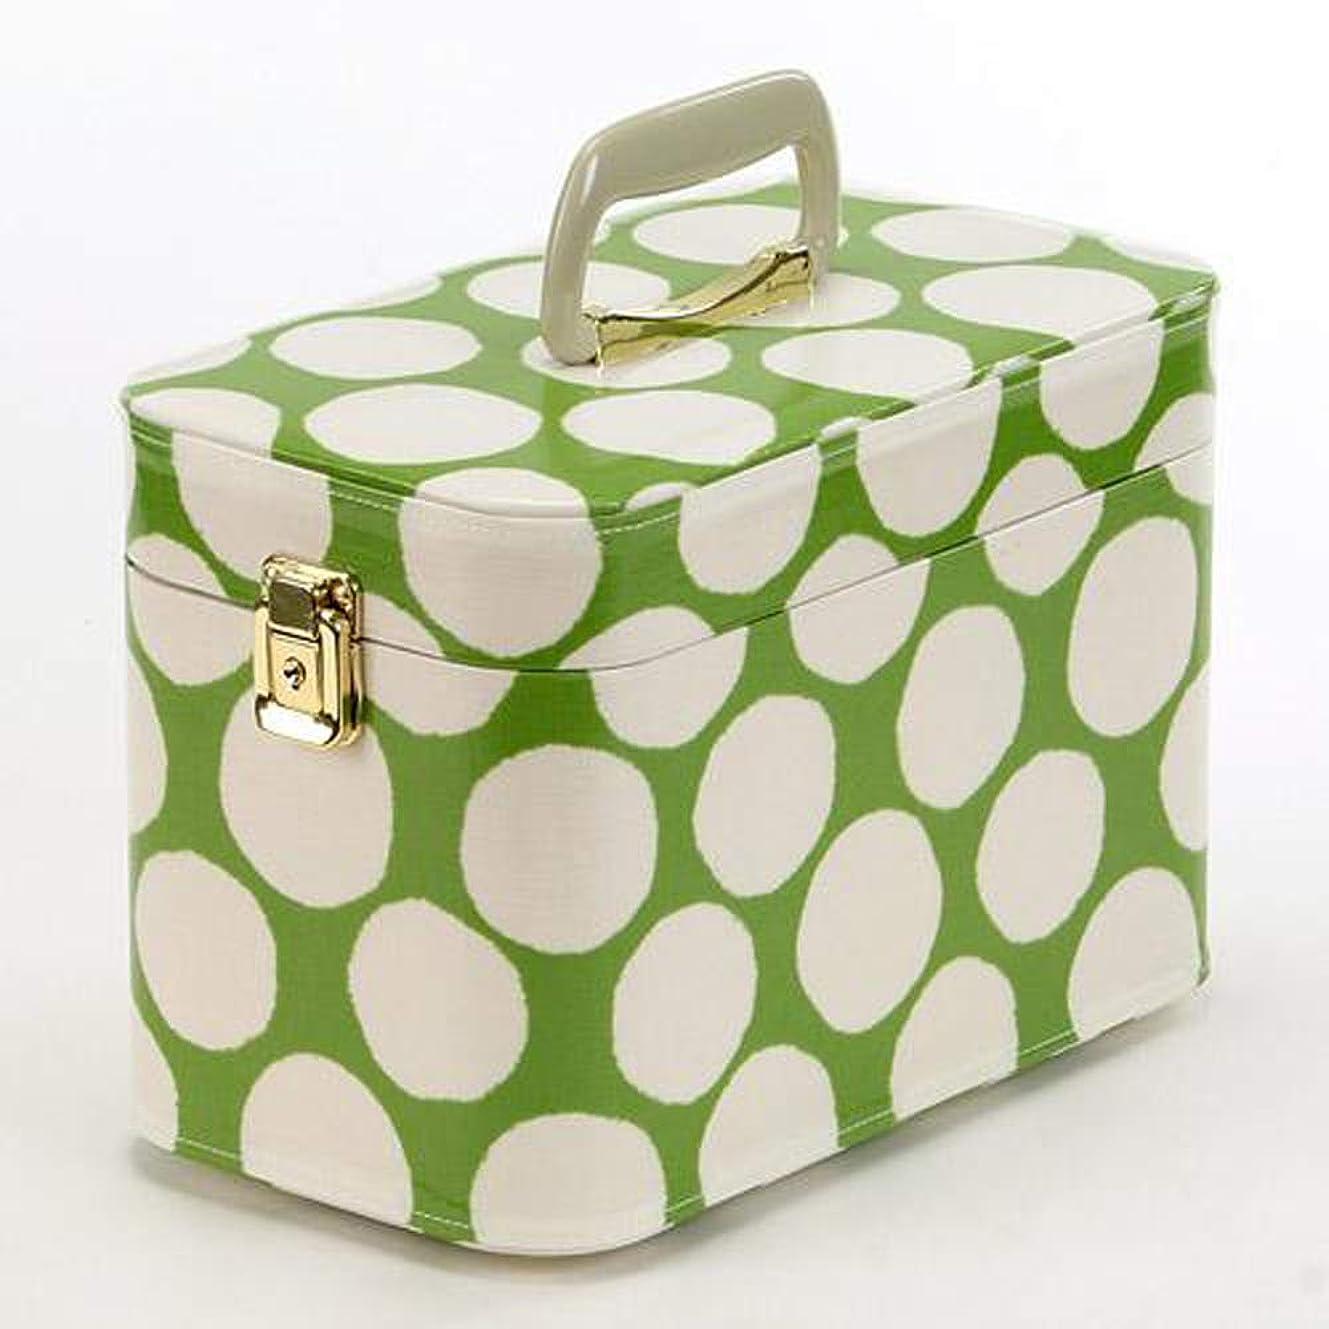 素晴らしい良い多くの留め金インターネット日本製 メイクボックス(コスメボックス) 水玉柄 緑 トレンケース30cm (鍵付き/コスメボックス)